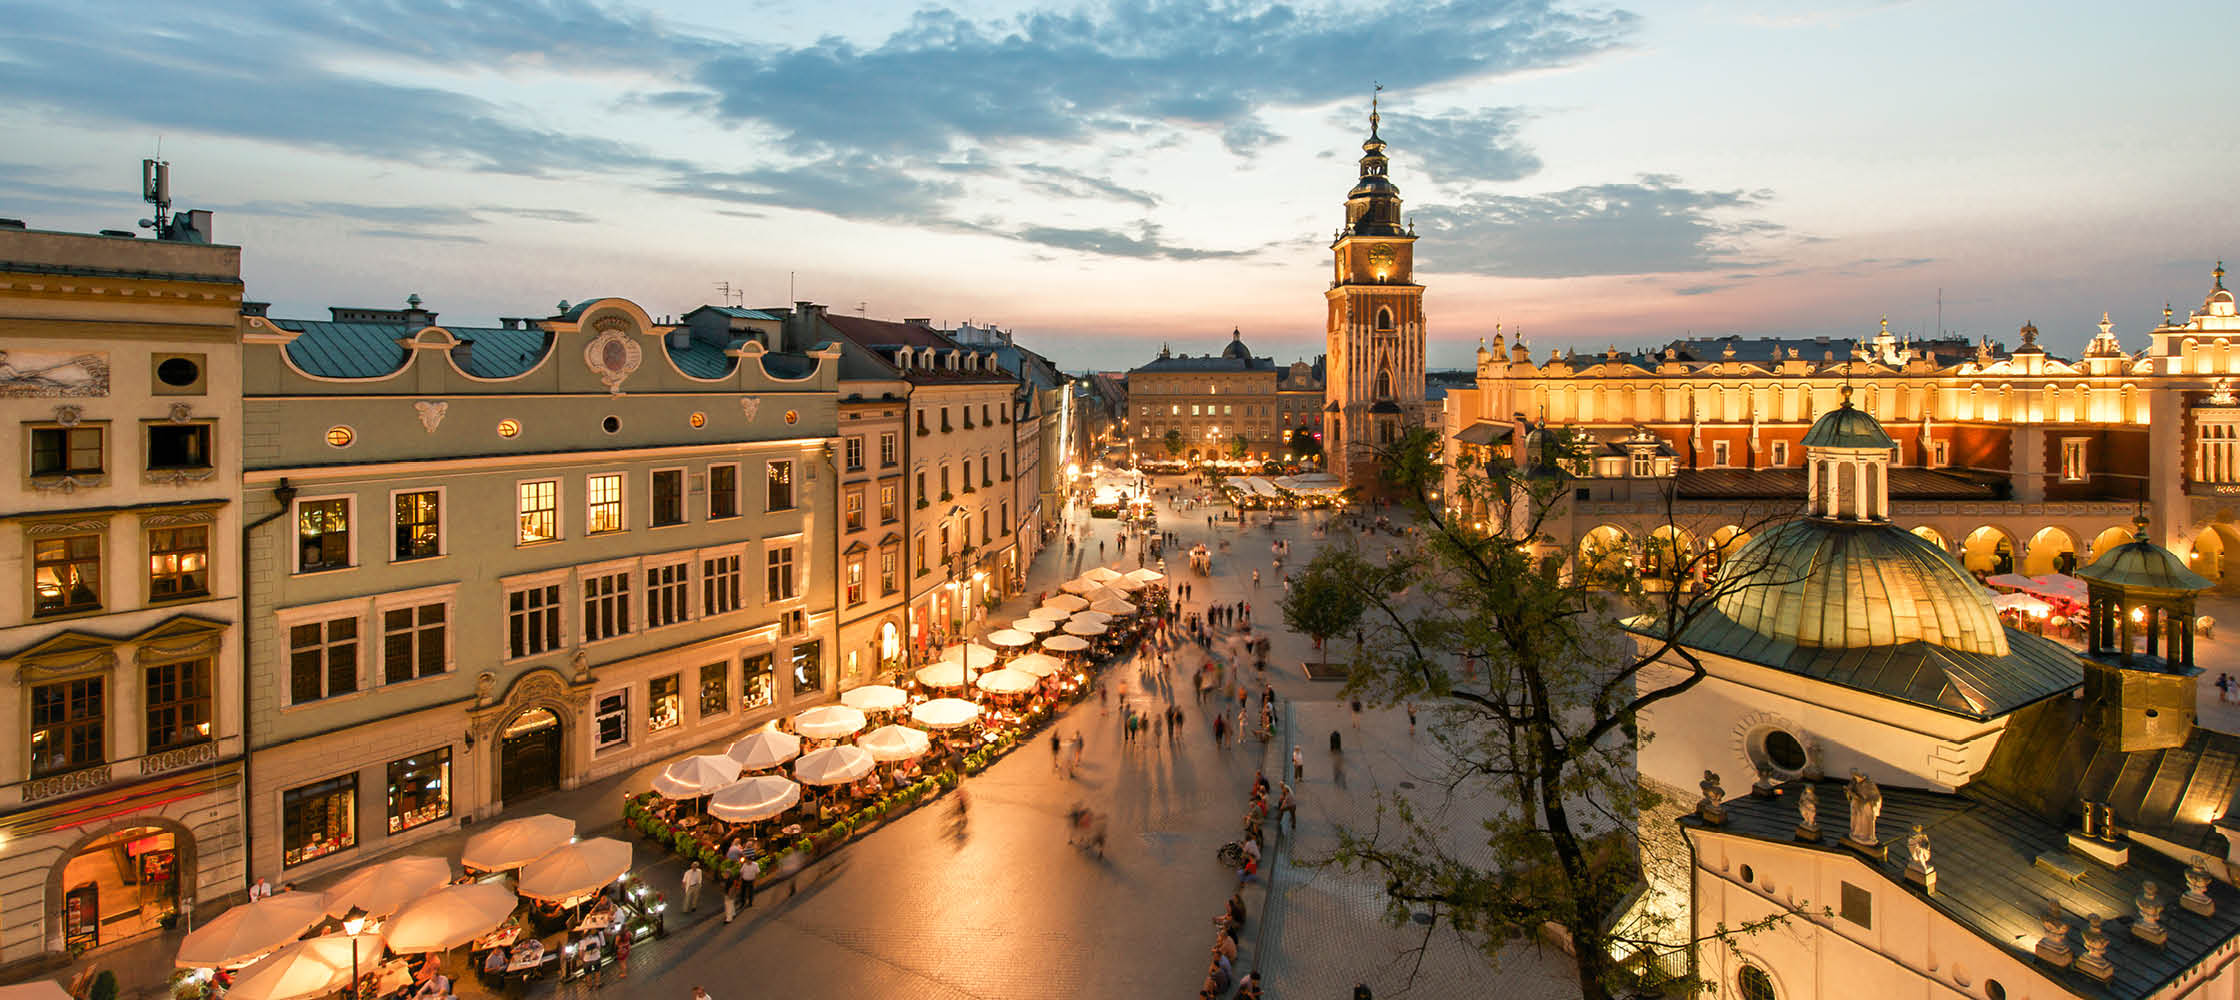 kultur och arkitektur i krakow, polen